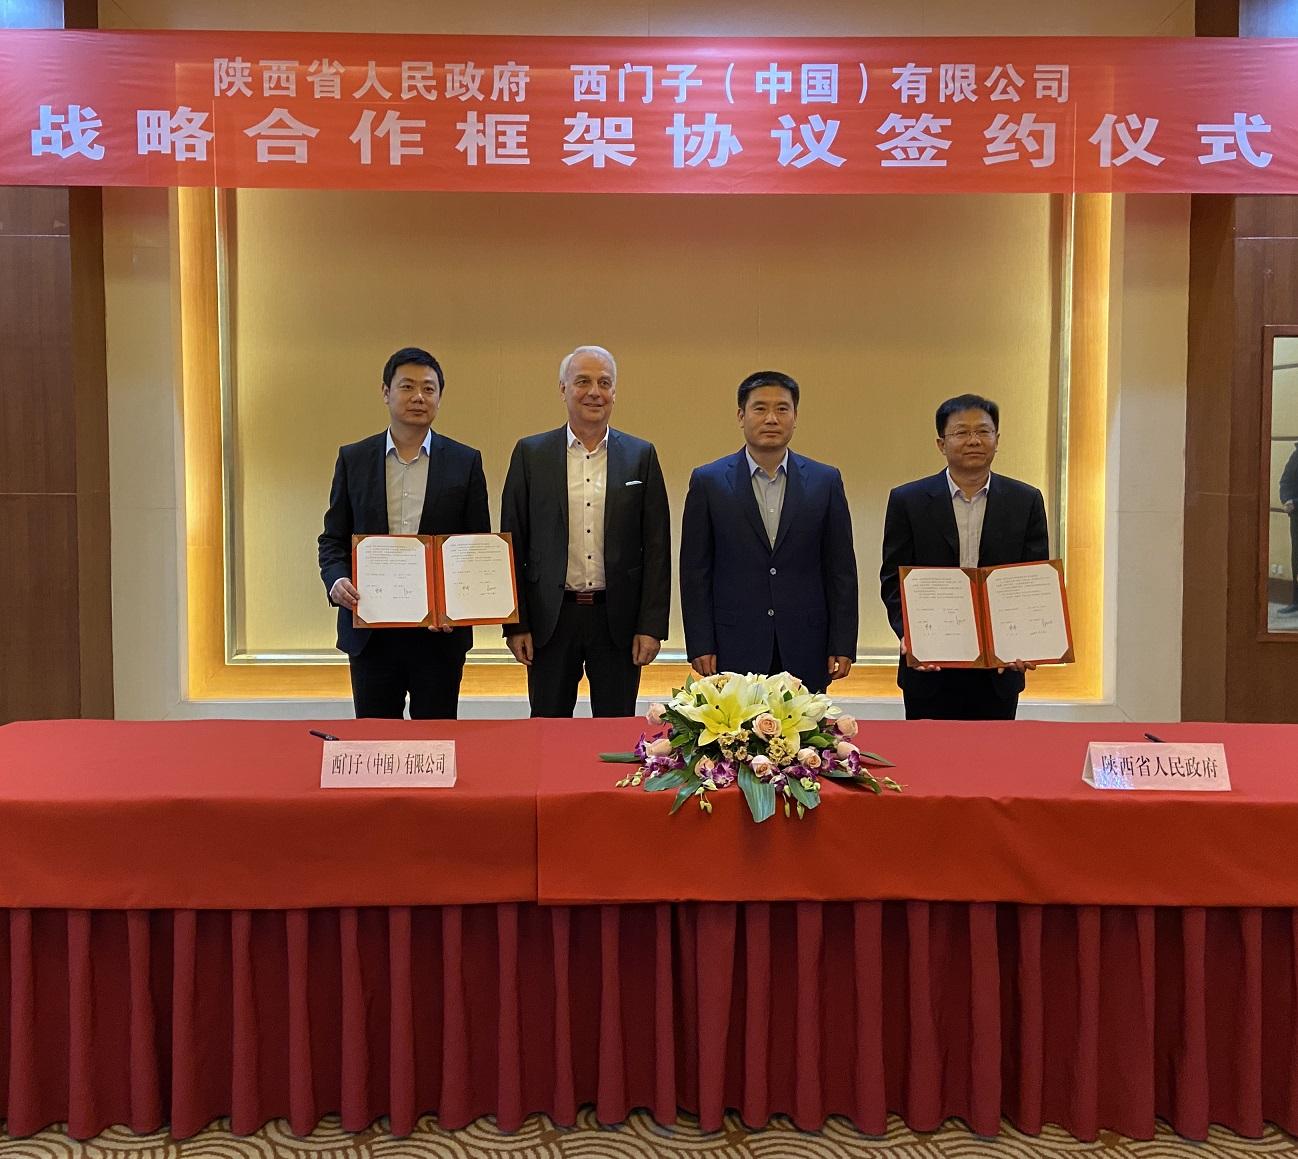 新闻图片_西门子与陕西省签署战略合作框架协议